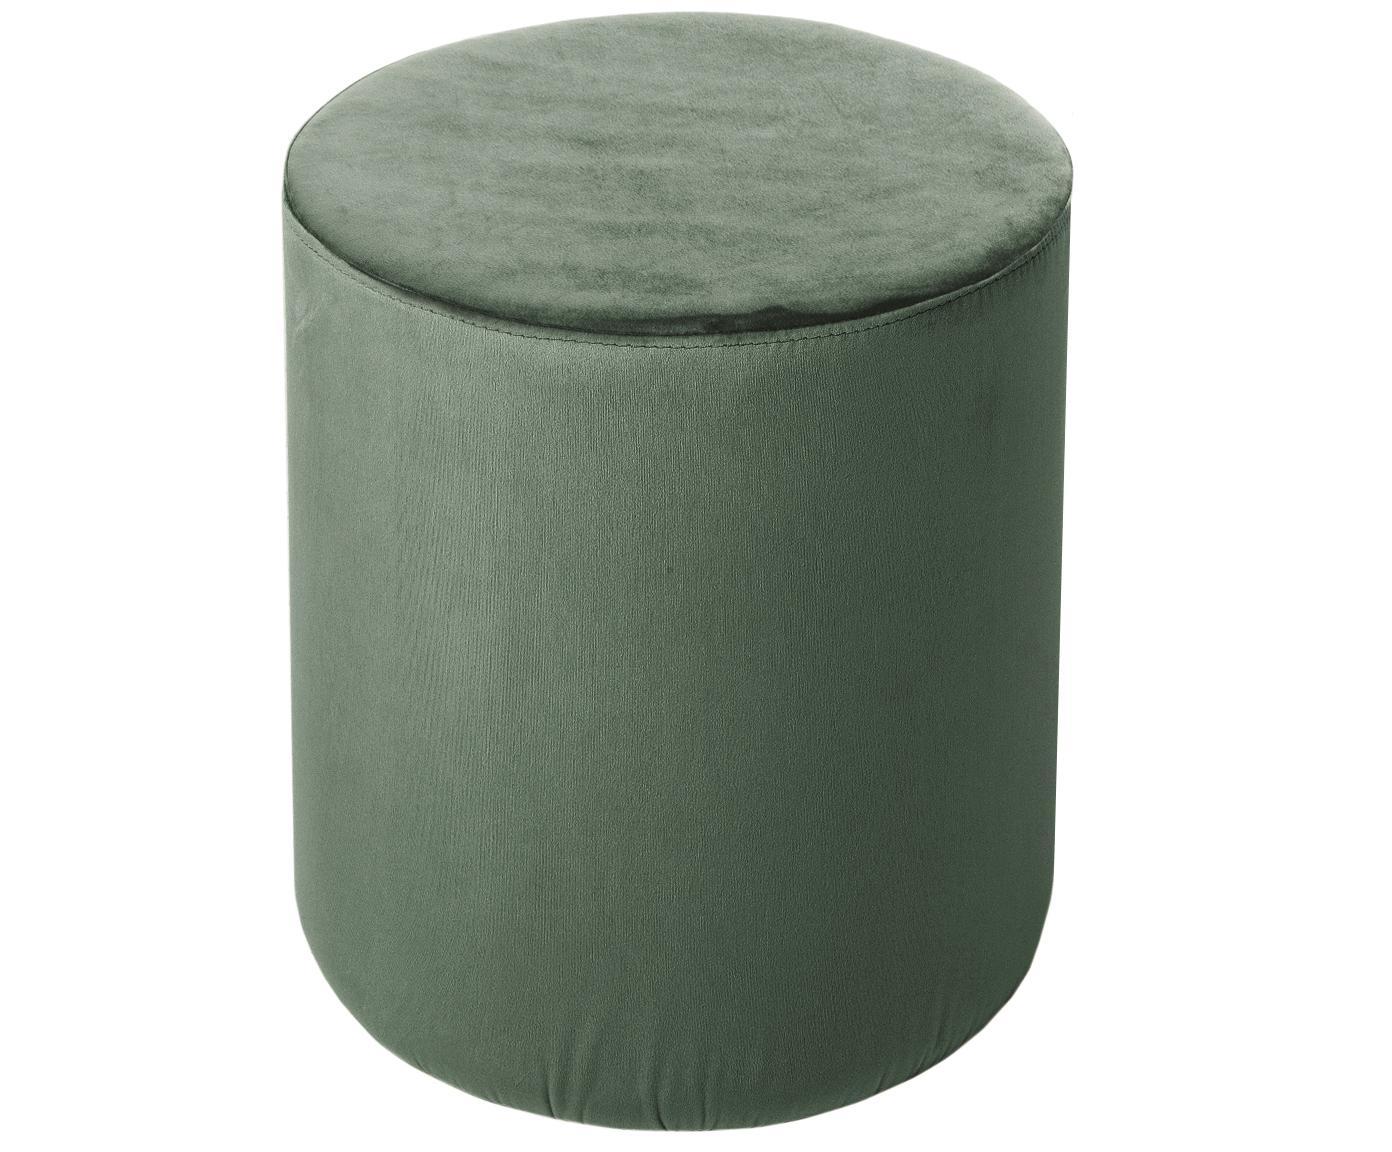 Puf z aksamitu Daisy, Tapicerka: aksamit (poliester) Tkani, Tapicerka: pianka, 28 kg/m³, Jasny zielony, Ø 38 x W 46 cm